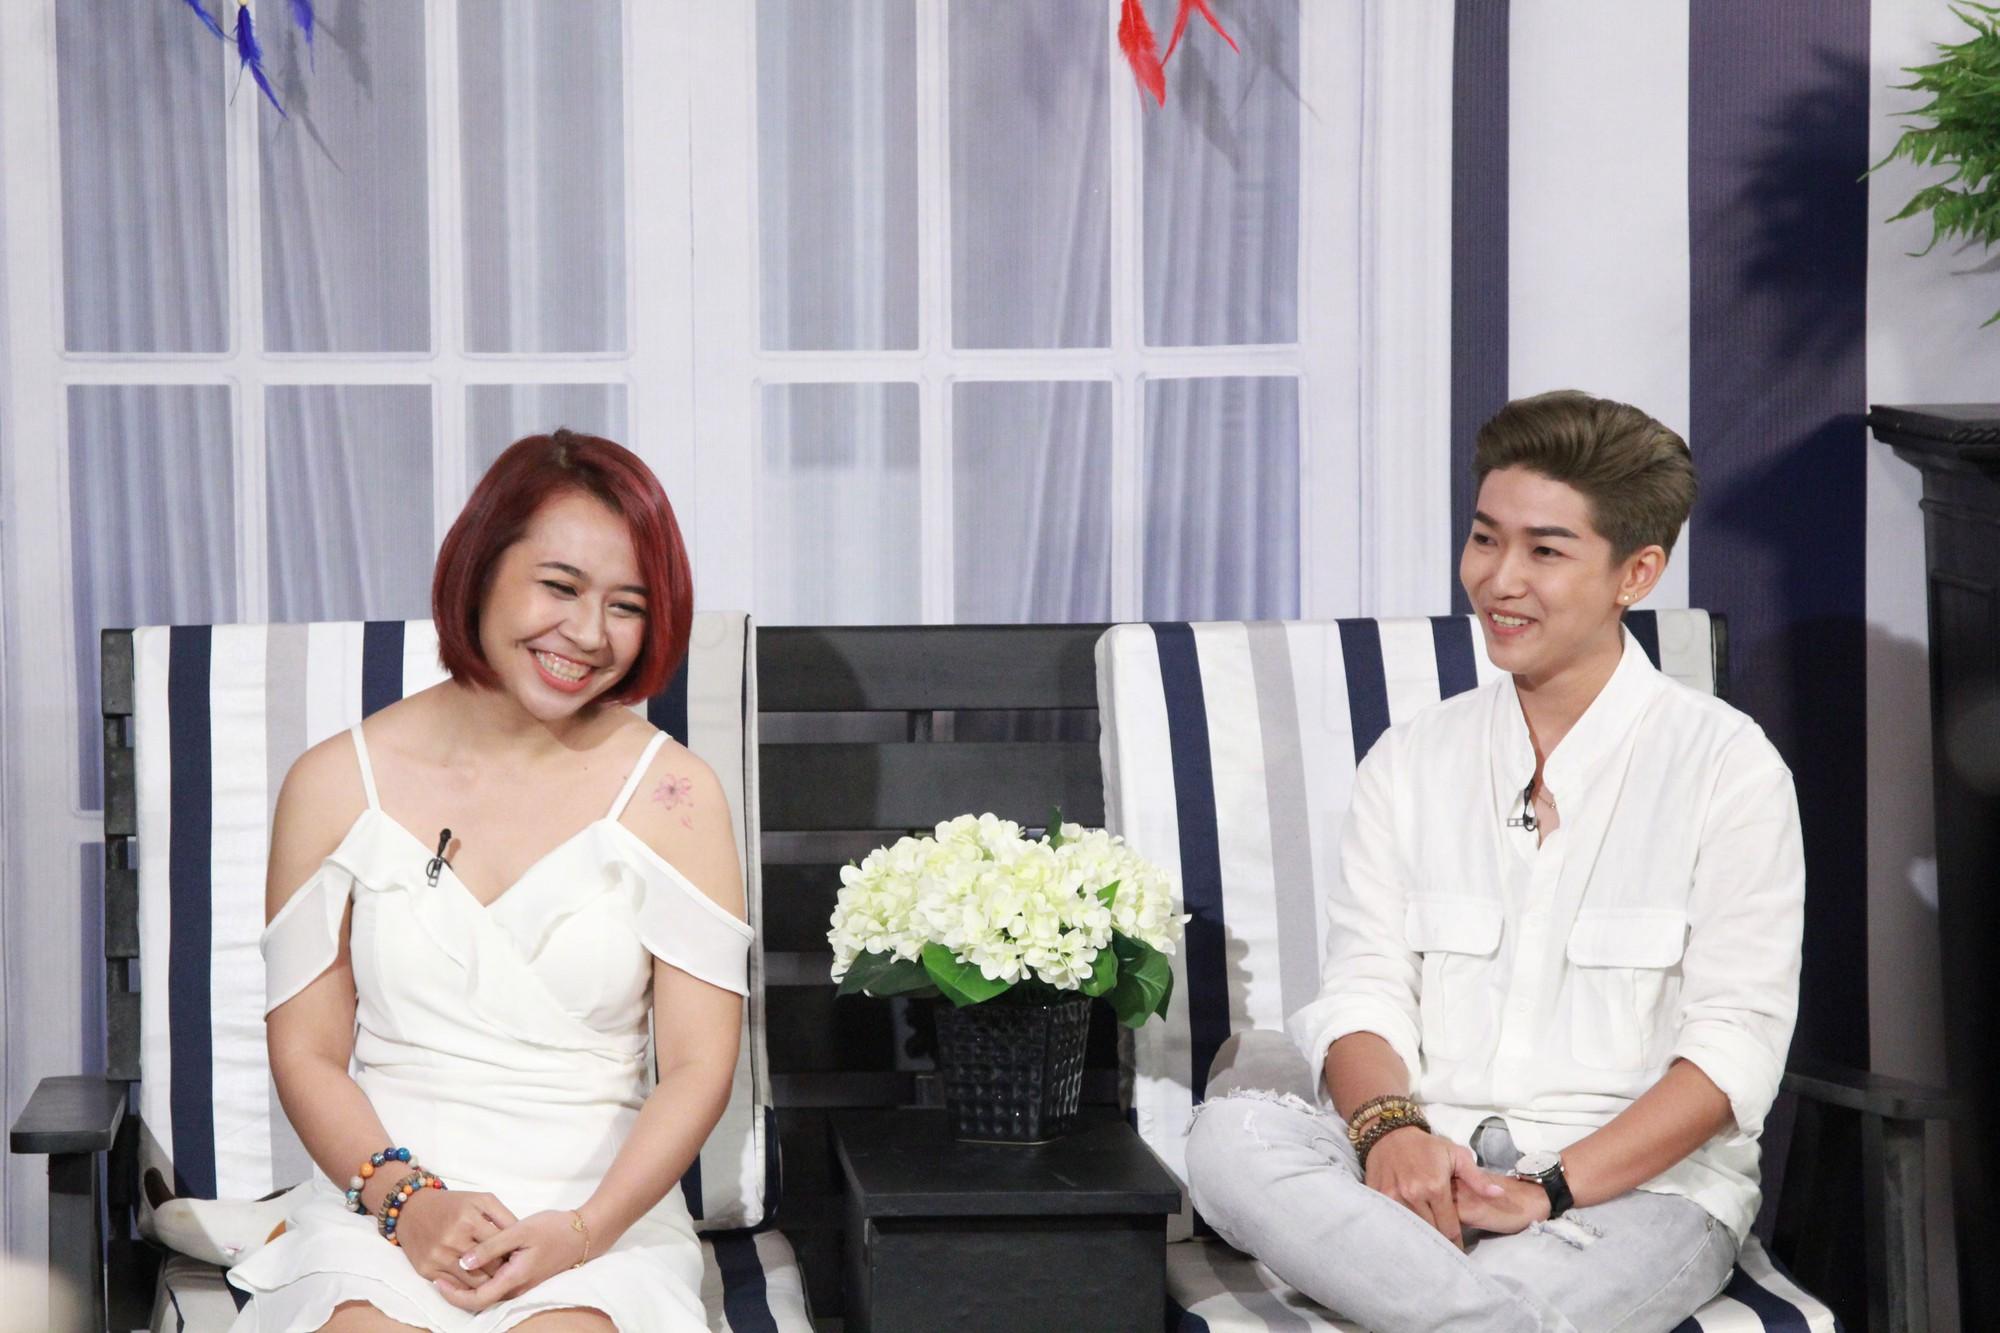 Lâm Khánh Chi nghẹn ngào với màn cầu hôn bất ngờ của cặp đôi bách hợp - Ảnh 2.